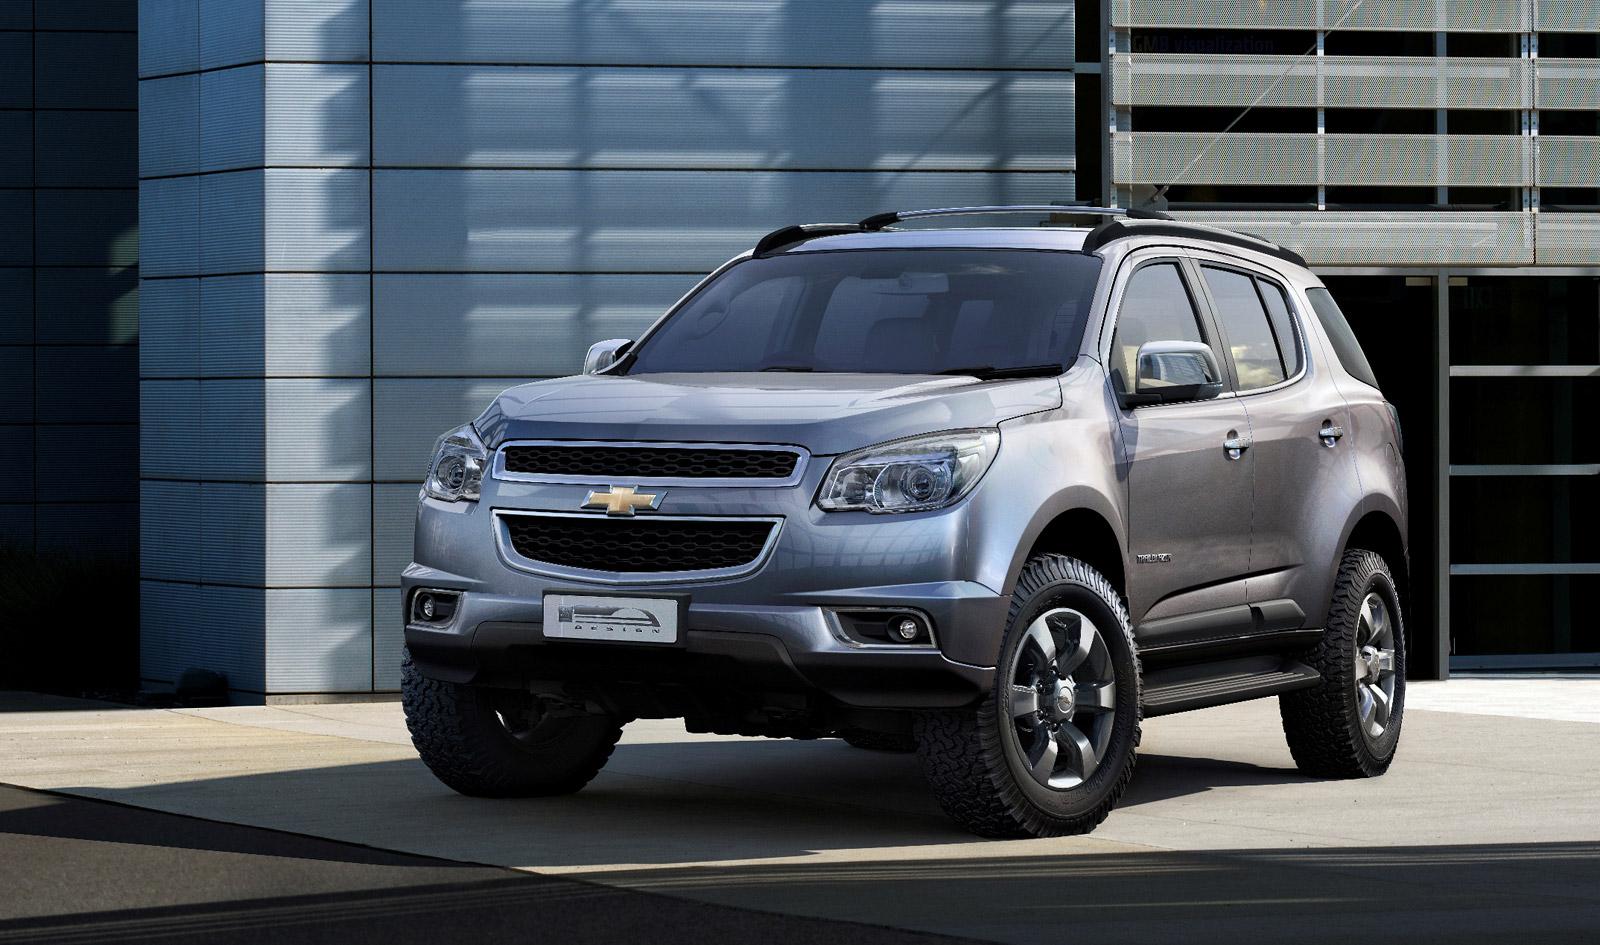 Chevy 2012 chevy trailblazer : 2013 Chevrolet TrailBlazer Revealed In Production Trim